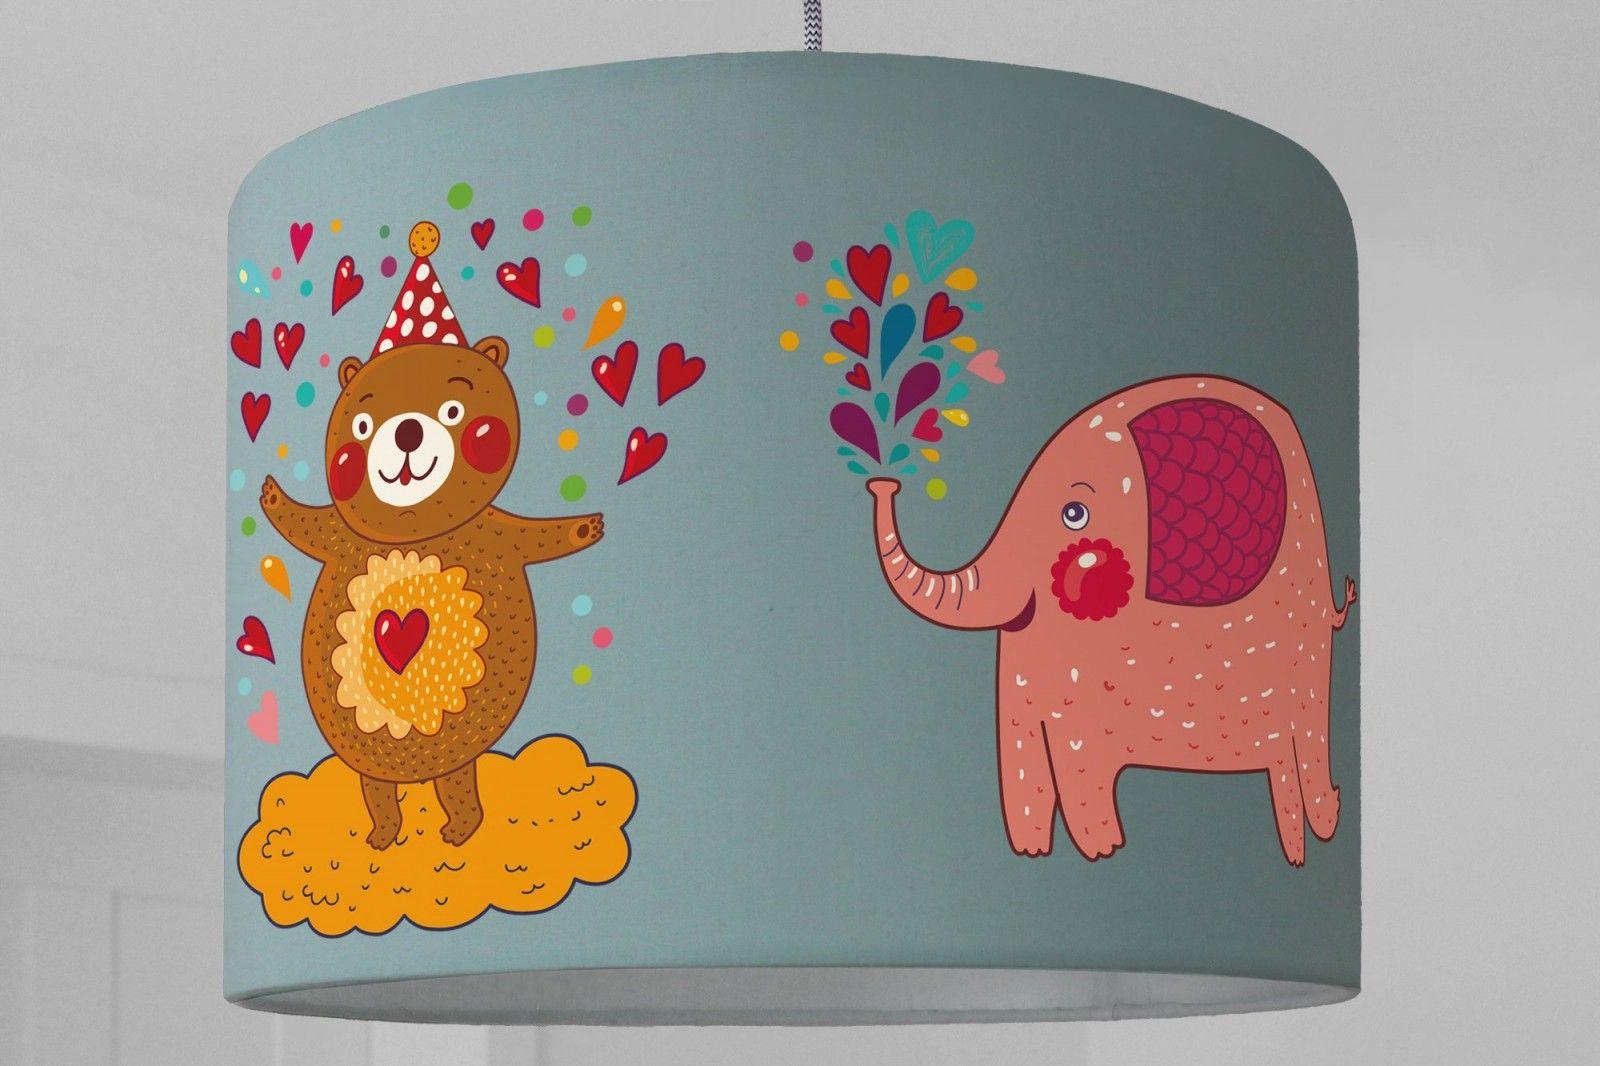 Kinderlampe Babylampe Madchen Wal Giraffe Elefant Kinder Lampen Kinderlampe Babylampe